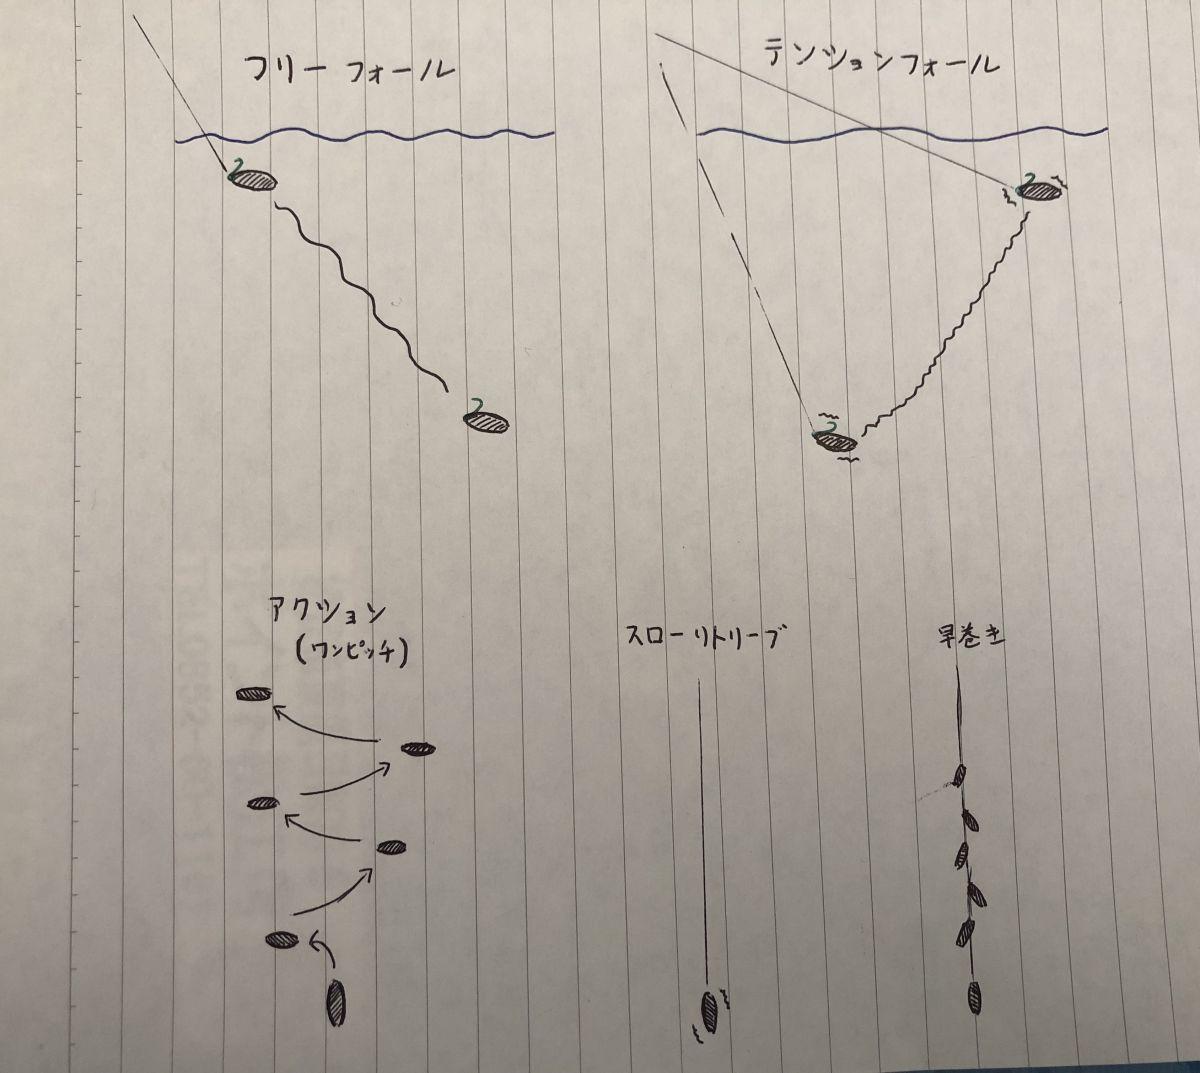 プルプル微波動で誘うライトゲーム!【ルミカ(LUMICA)メタルジャッカーマイクロインプレッション】